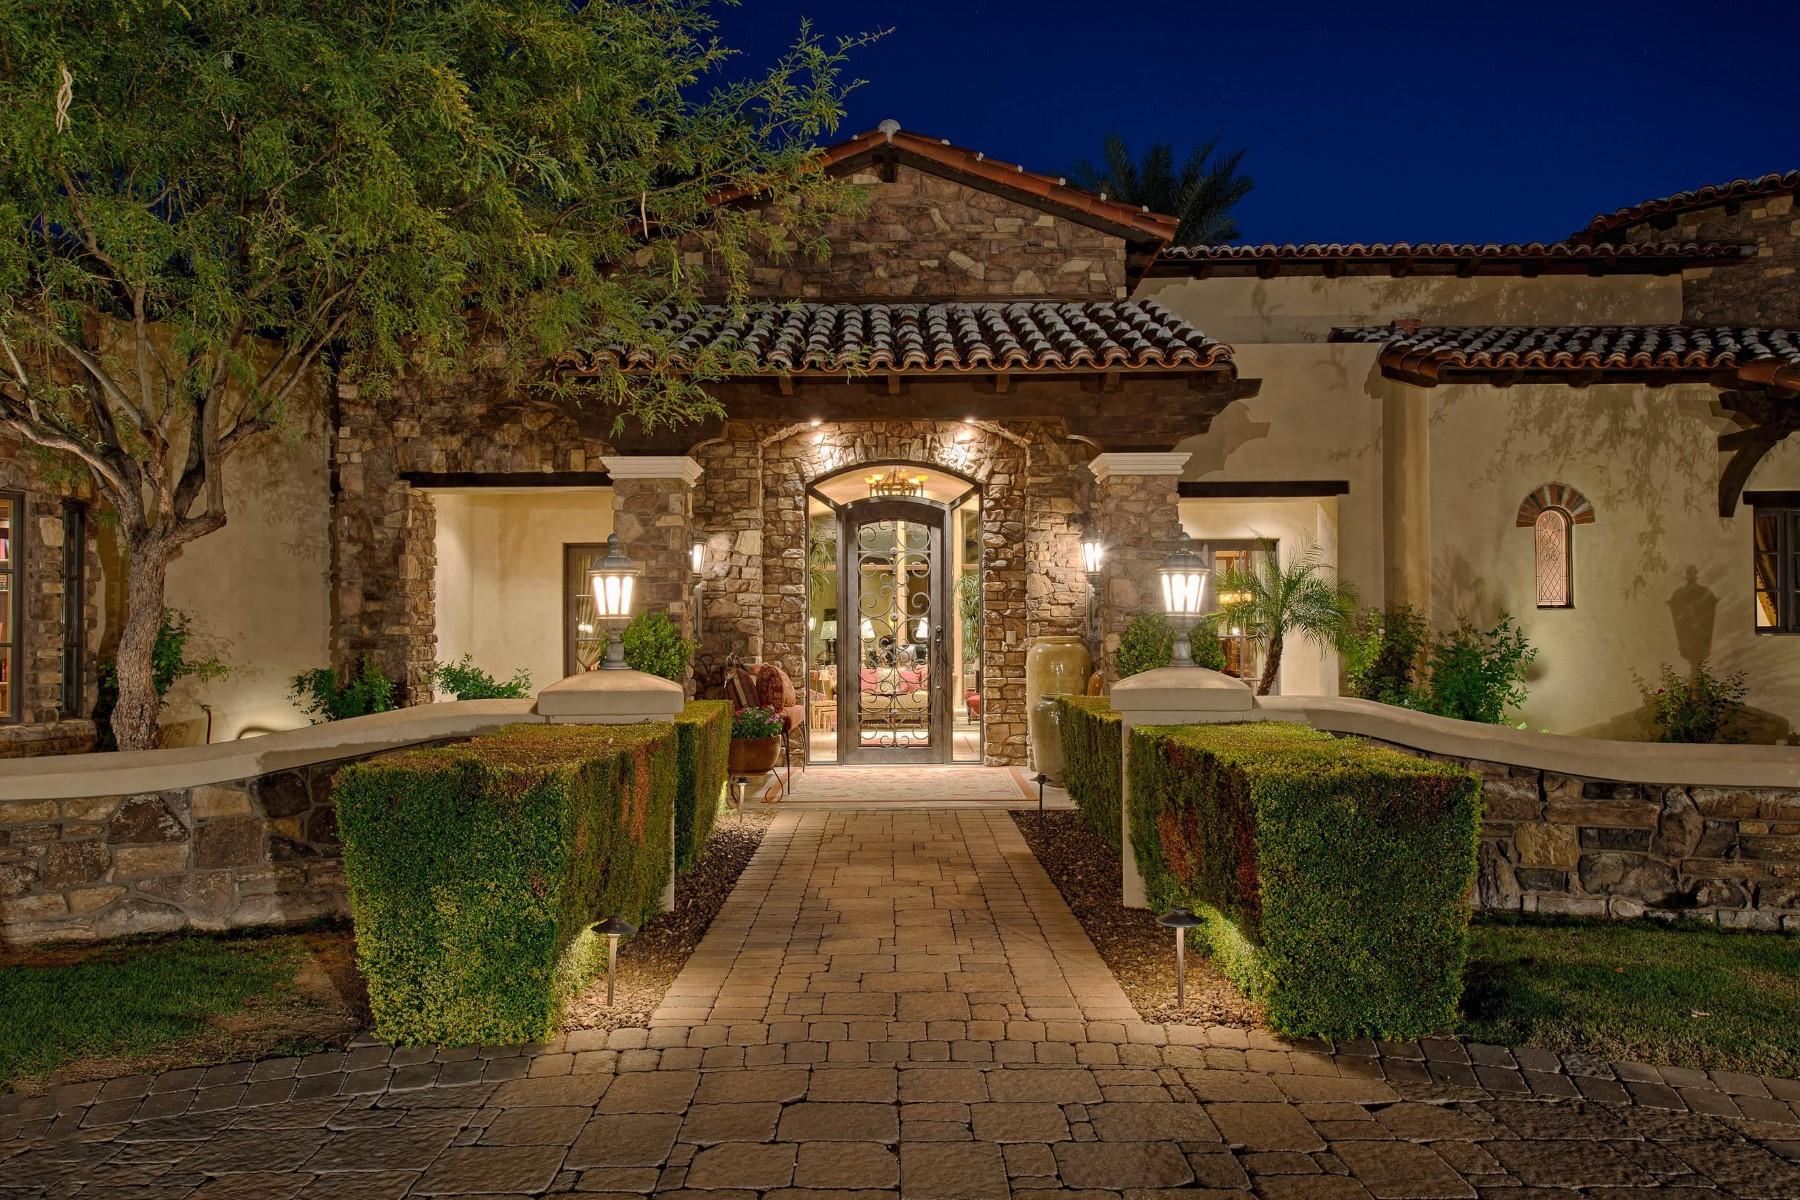 Villa per Vendita alle ore Classic Mediterranean home in Paradise Valley 6390 E Royal Palm Rd Paradise Valley, Arizona, 85253 Stati Uniti